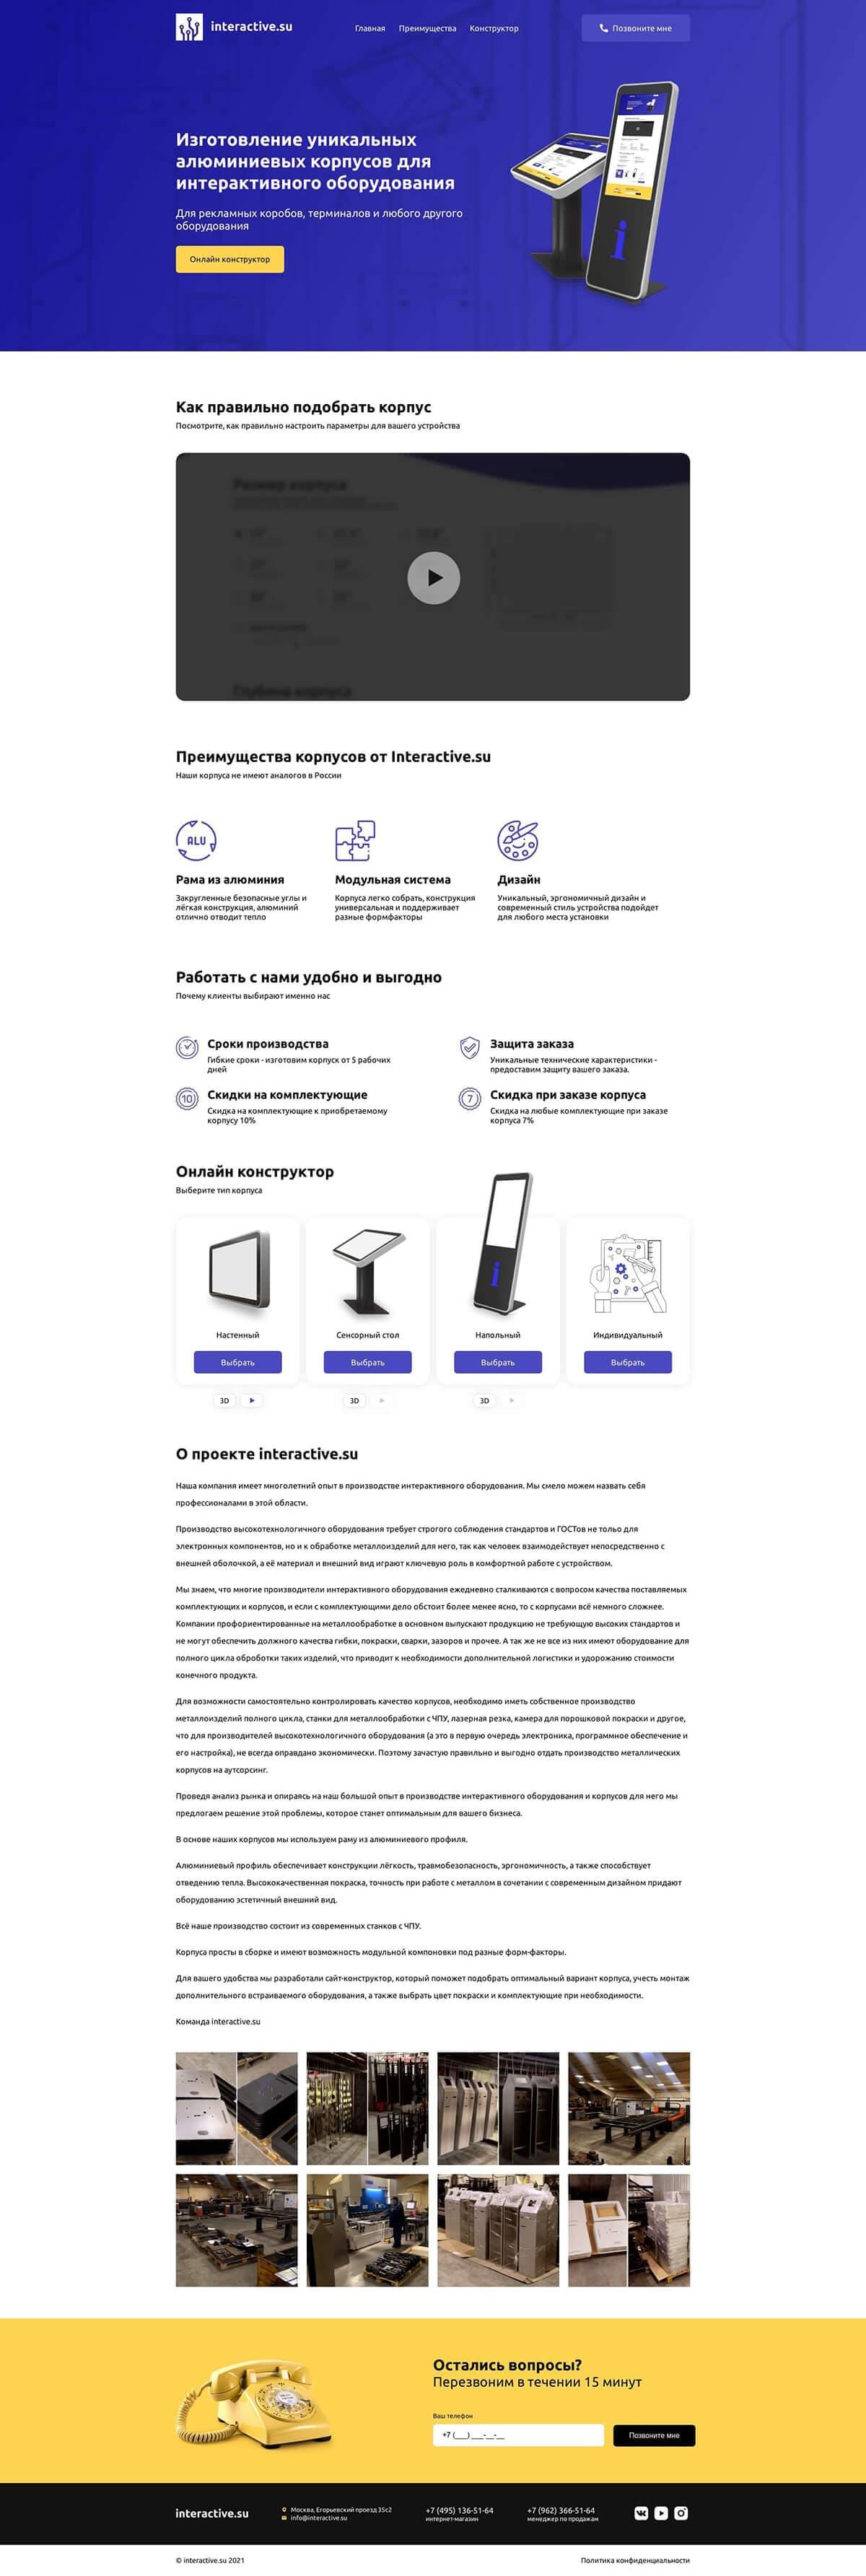 Калькулятор интерактивных корпусов «Interative.su»